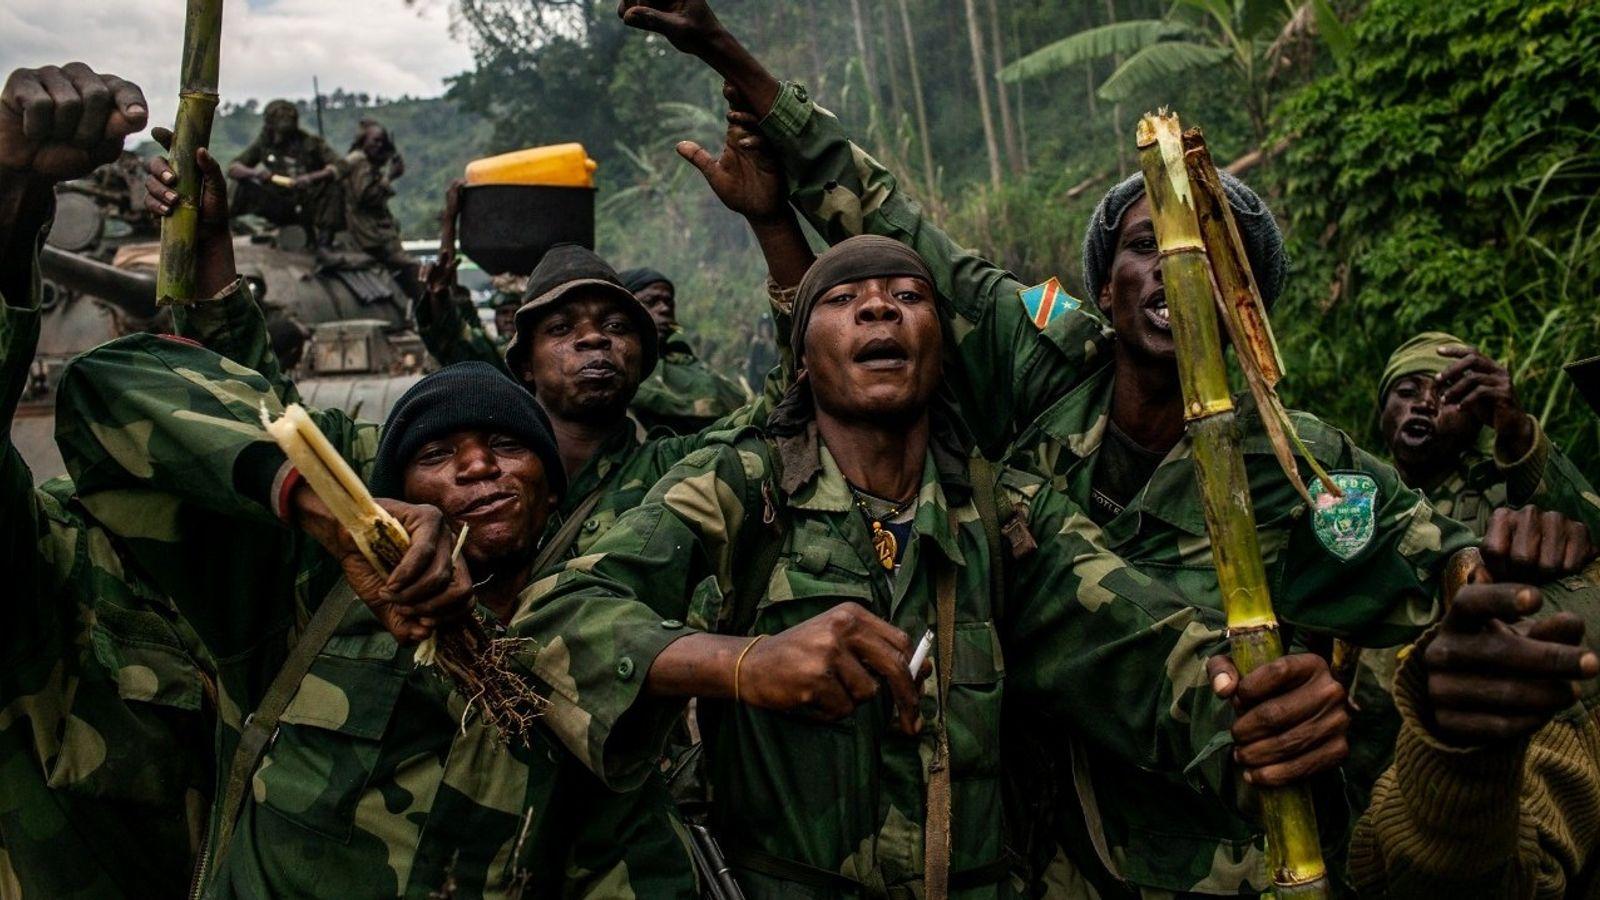 Un commando congolais, dernier bastion de rebelle M23, s'enthousiasme durant leur avancée vers Bunagana sur une ...